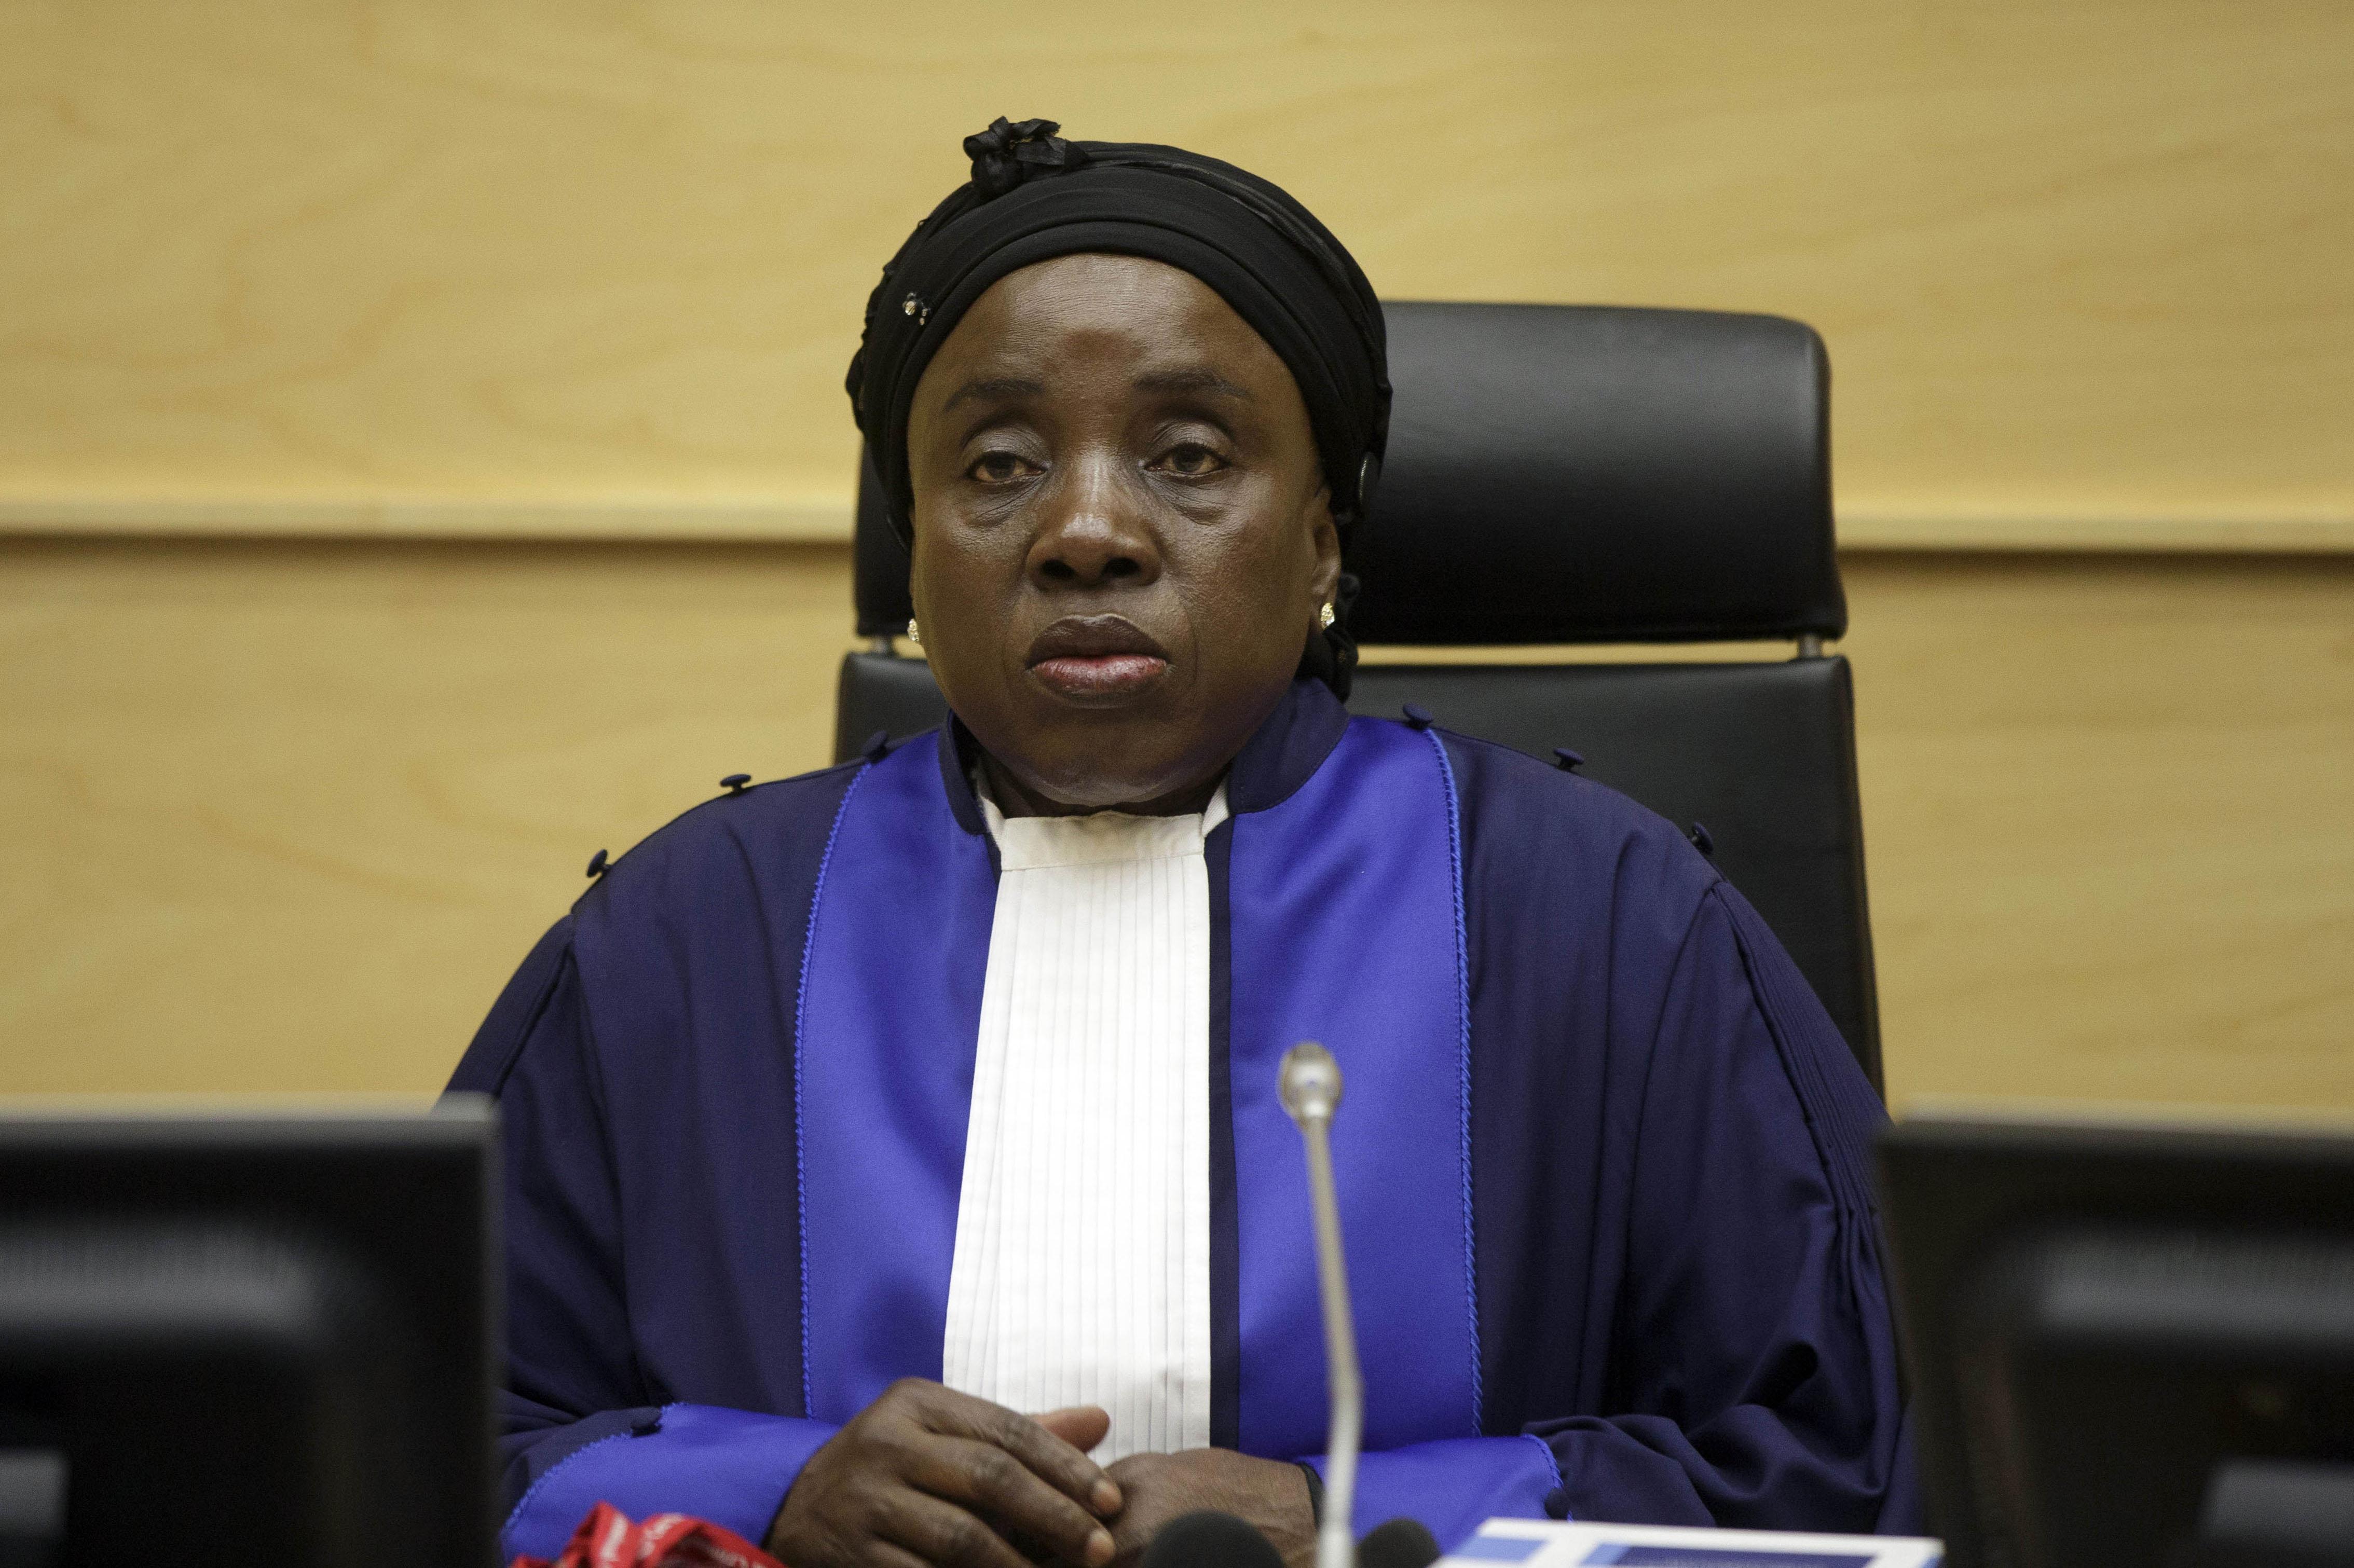 Une juge siège lors d'une audience à la Cour pénale internationale à La Haye en mars 2014. Dans les zones de conflit, il n'est pas rare que la police, les milices locales, les armées nationales ou les soldats de la paix étrangers soient impliqués dans des agressions sexuelles. (AP/Phil Nijhuis)